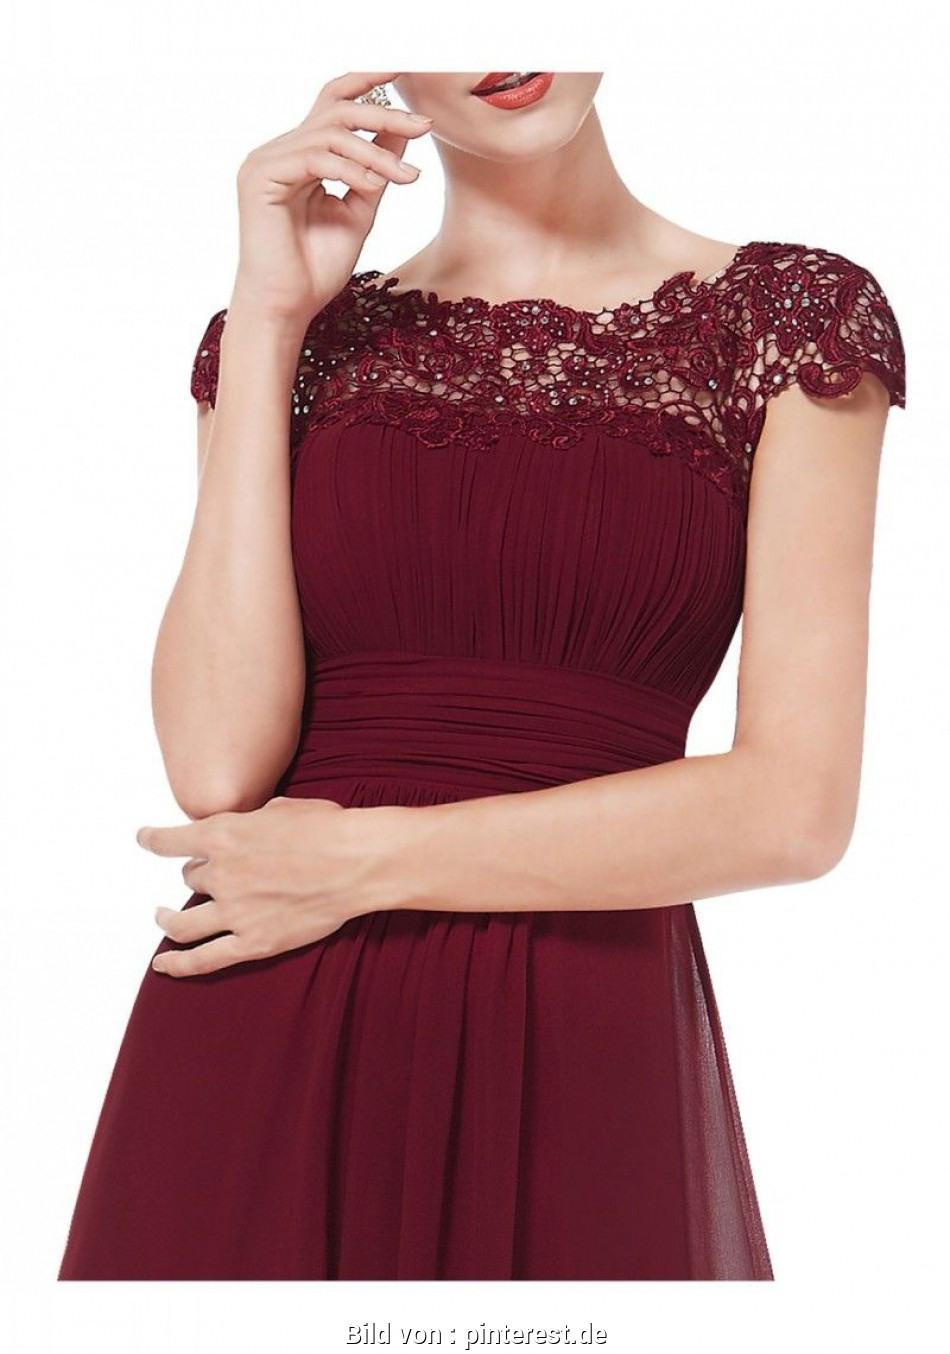 15 Einzigartig Abendkleid Bordeaux Lang für 2019Abend Perfekt Abendkleid Bordeaux Lang Boutique